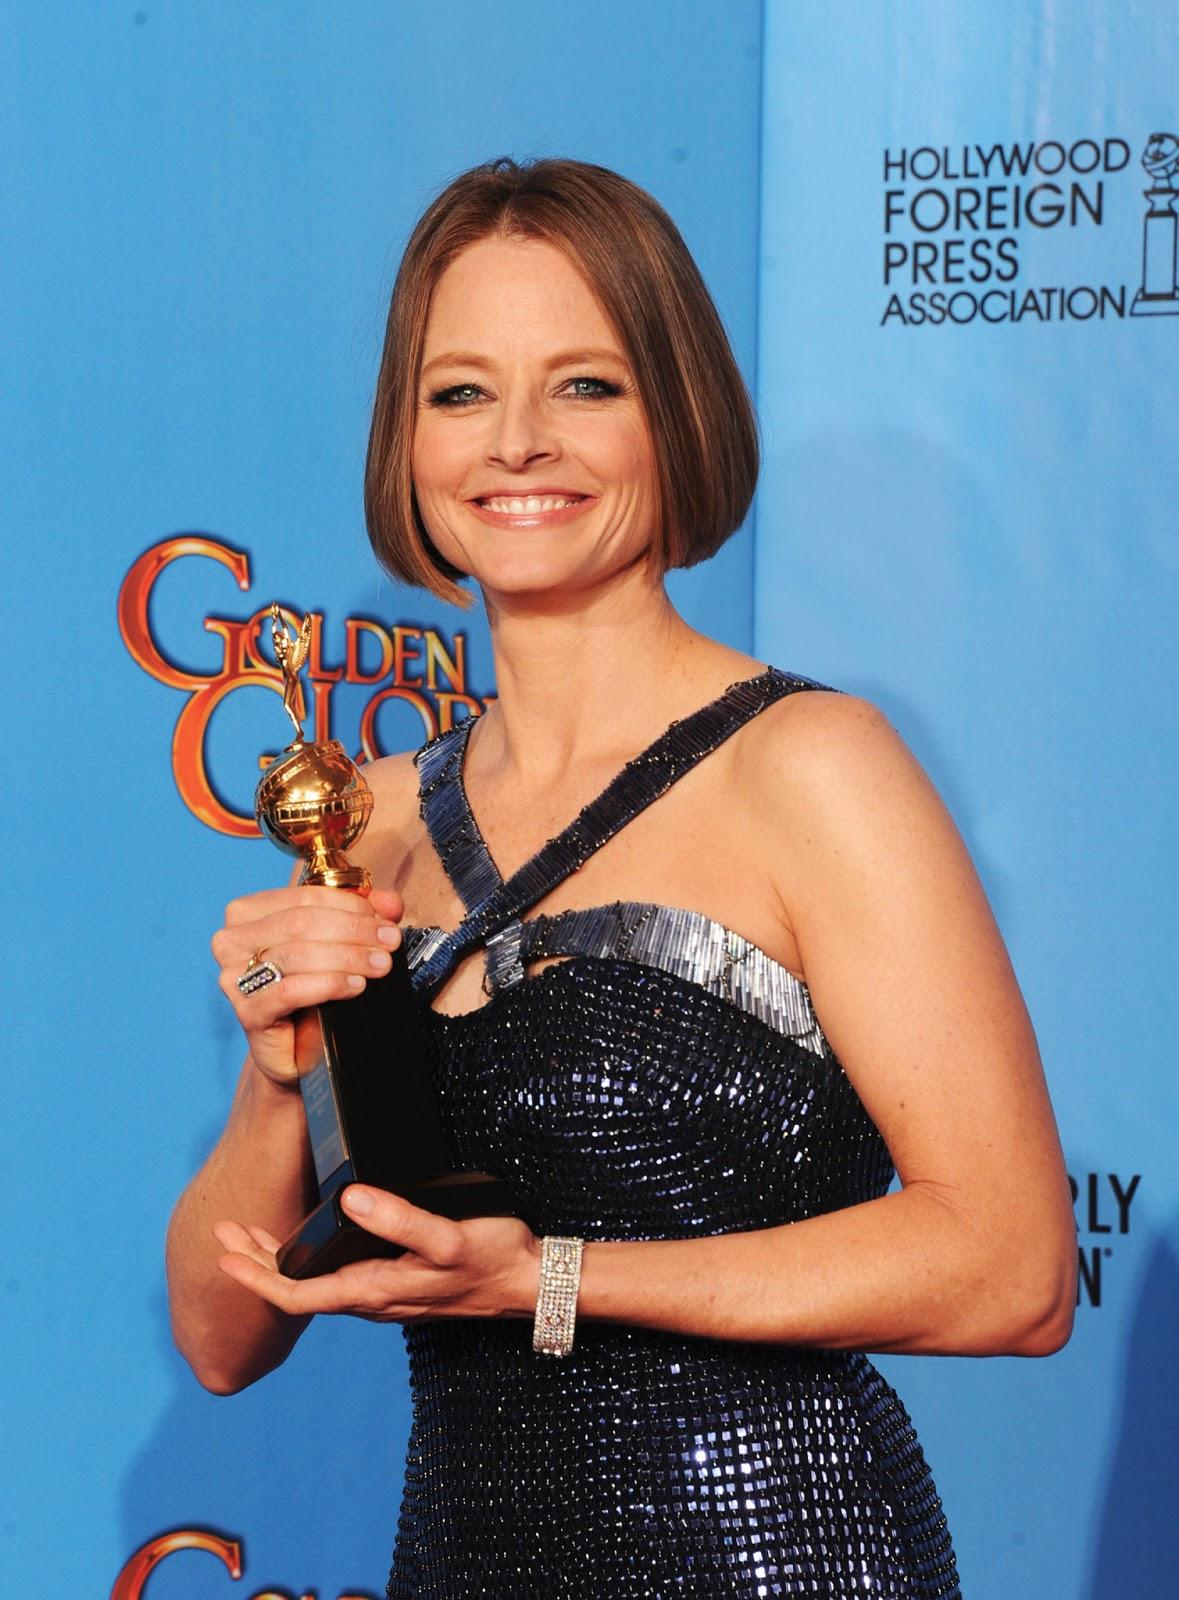 http://2.bp.blogspot.com/-Gd37PL_ayv4/UPRTtaFVlZI/AAAAAAAAsCY/ZQxzCixzNGY/s1600/jodie-foster-golden-globes-celebrities-react.jpg